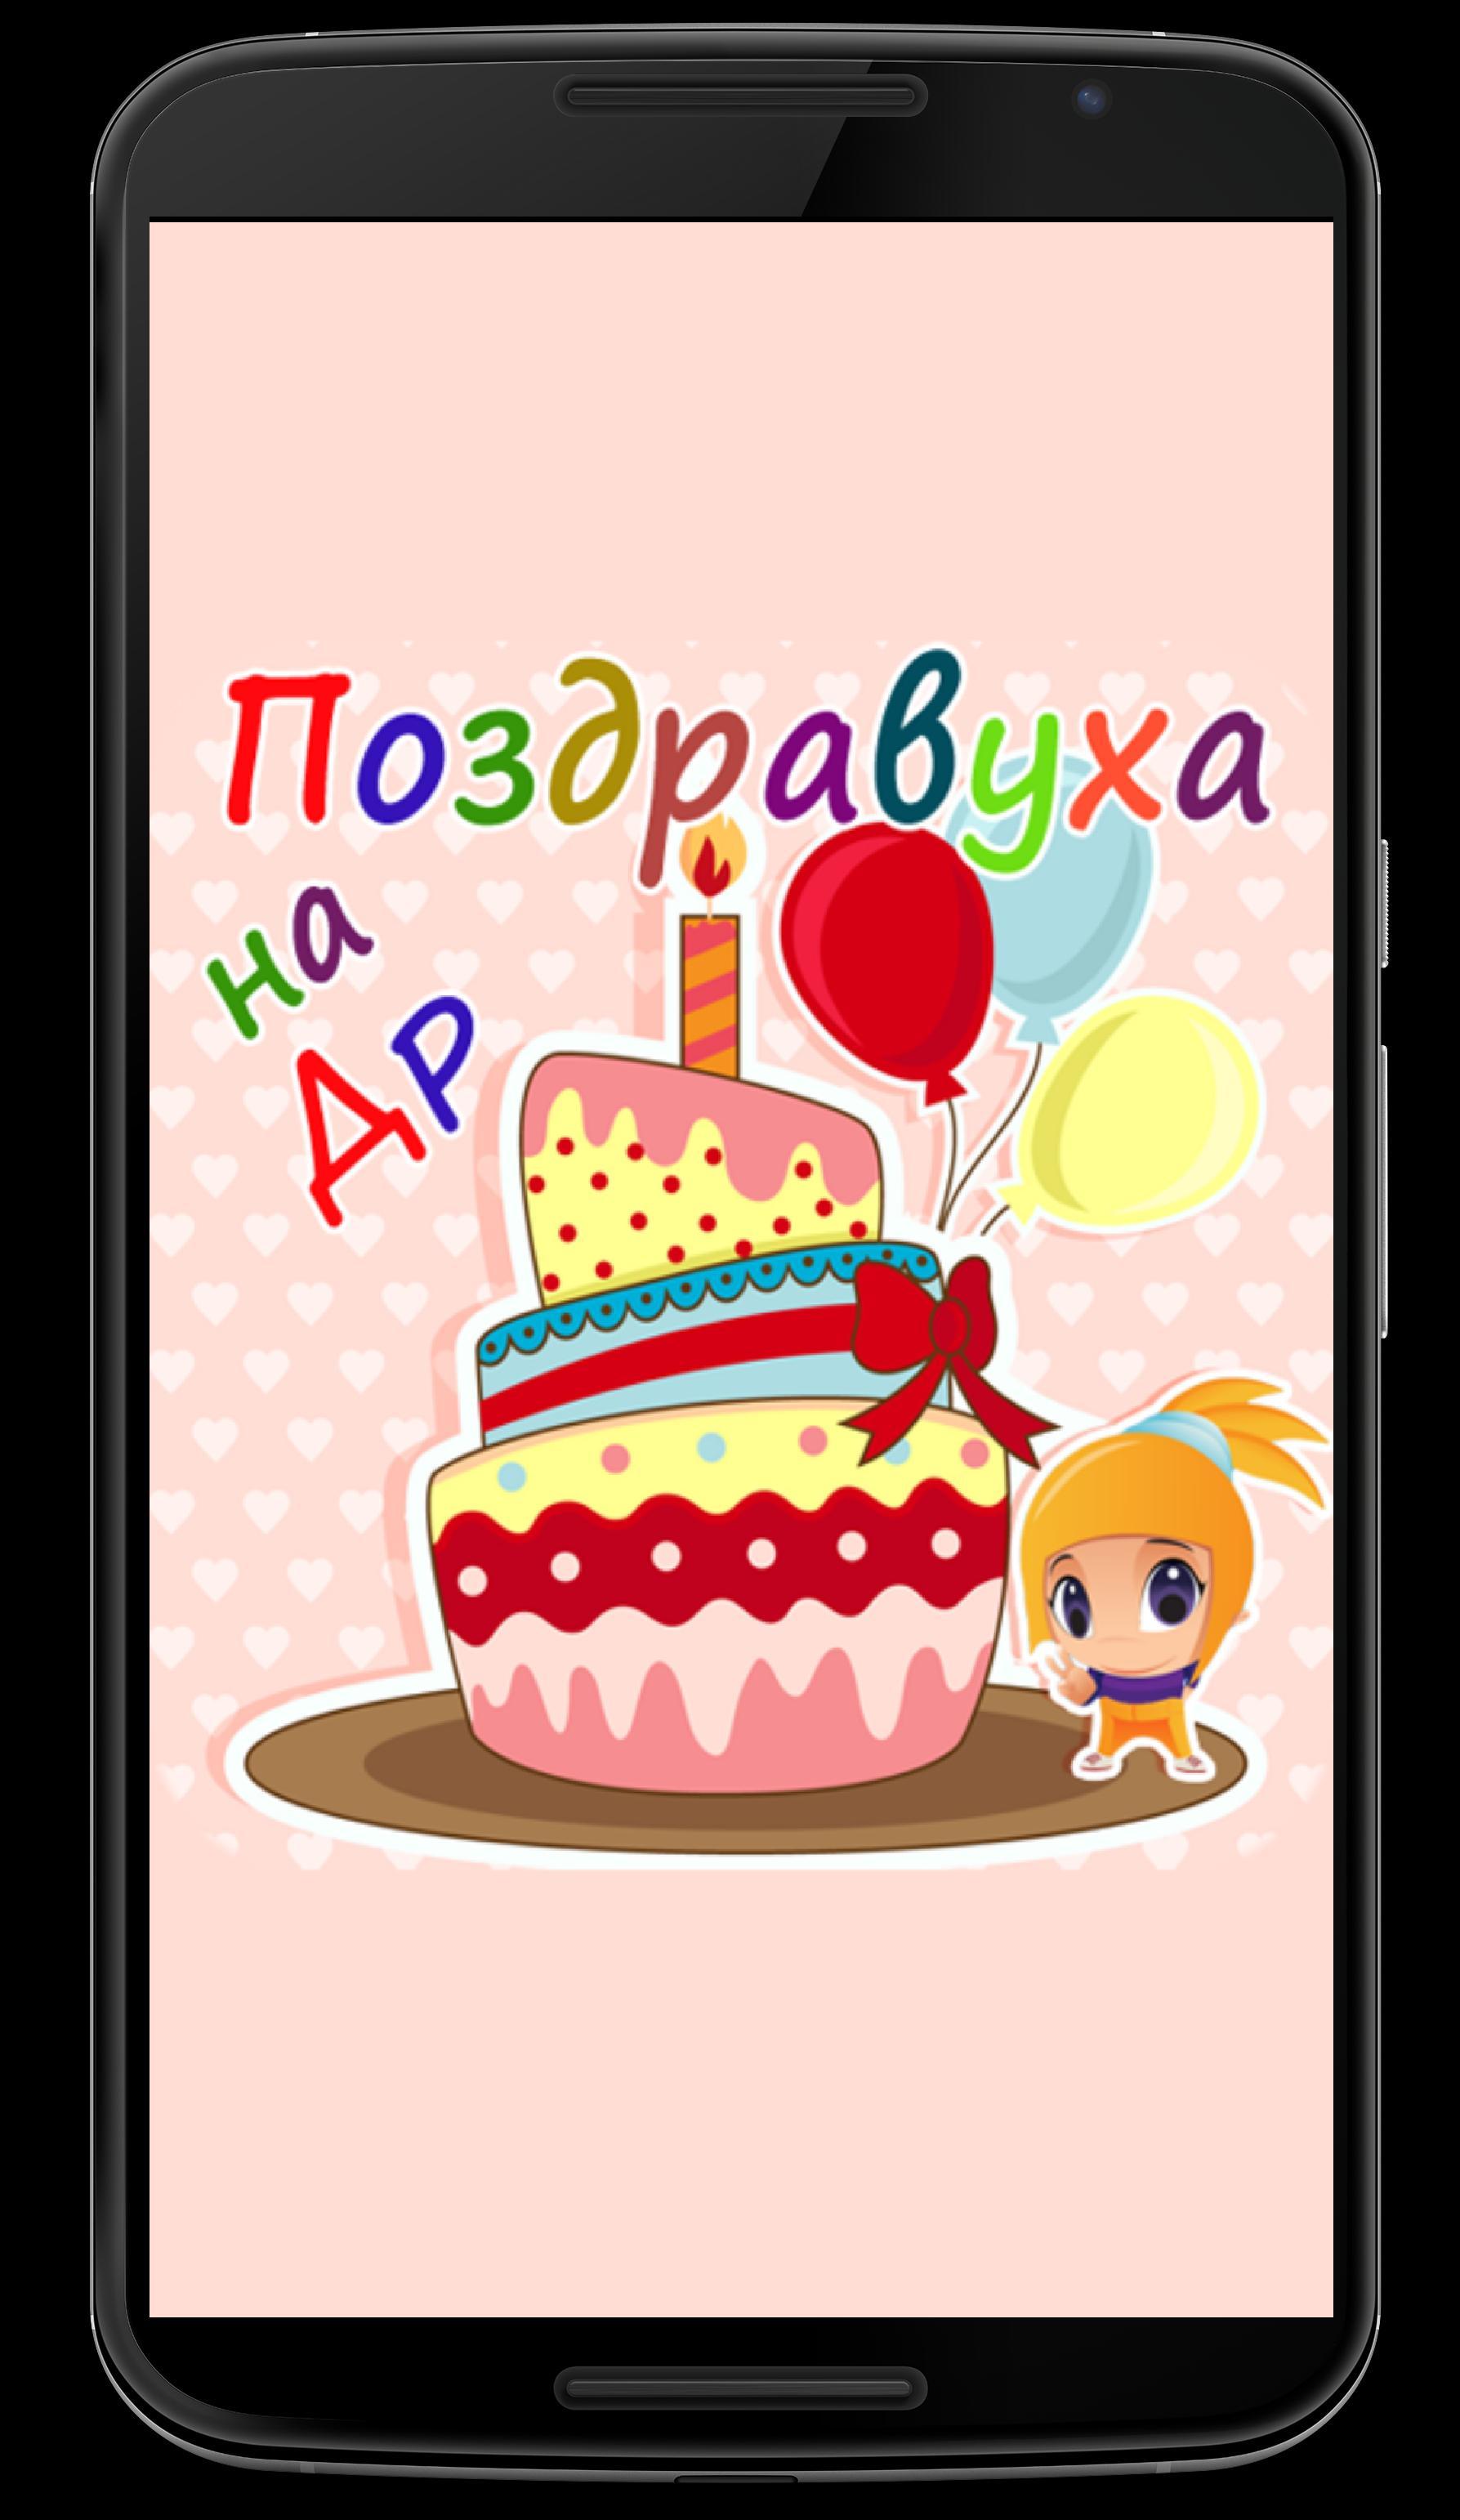 поздравления с днем рождения с приложениями маслу